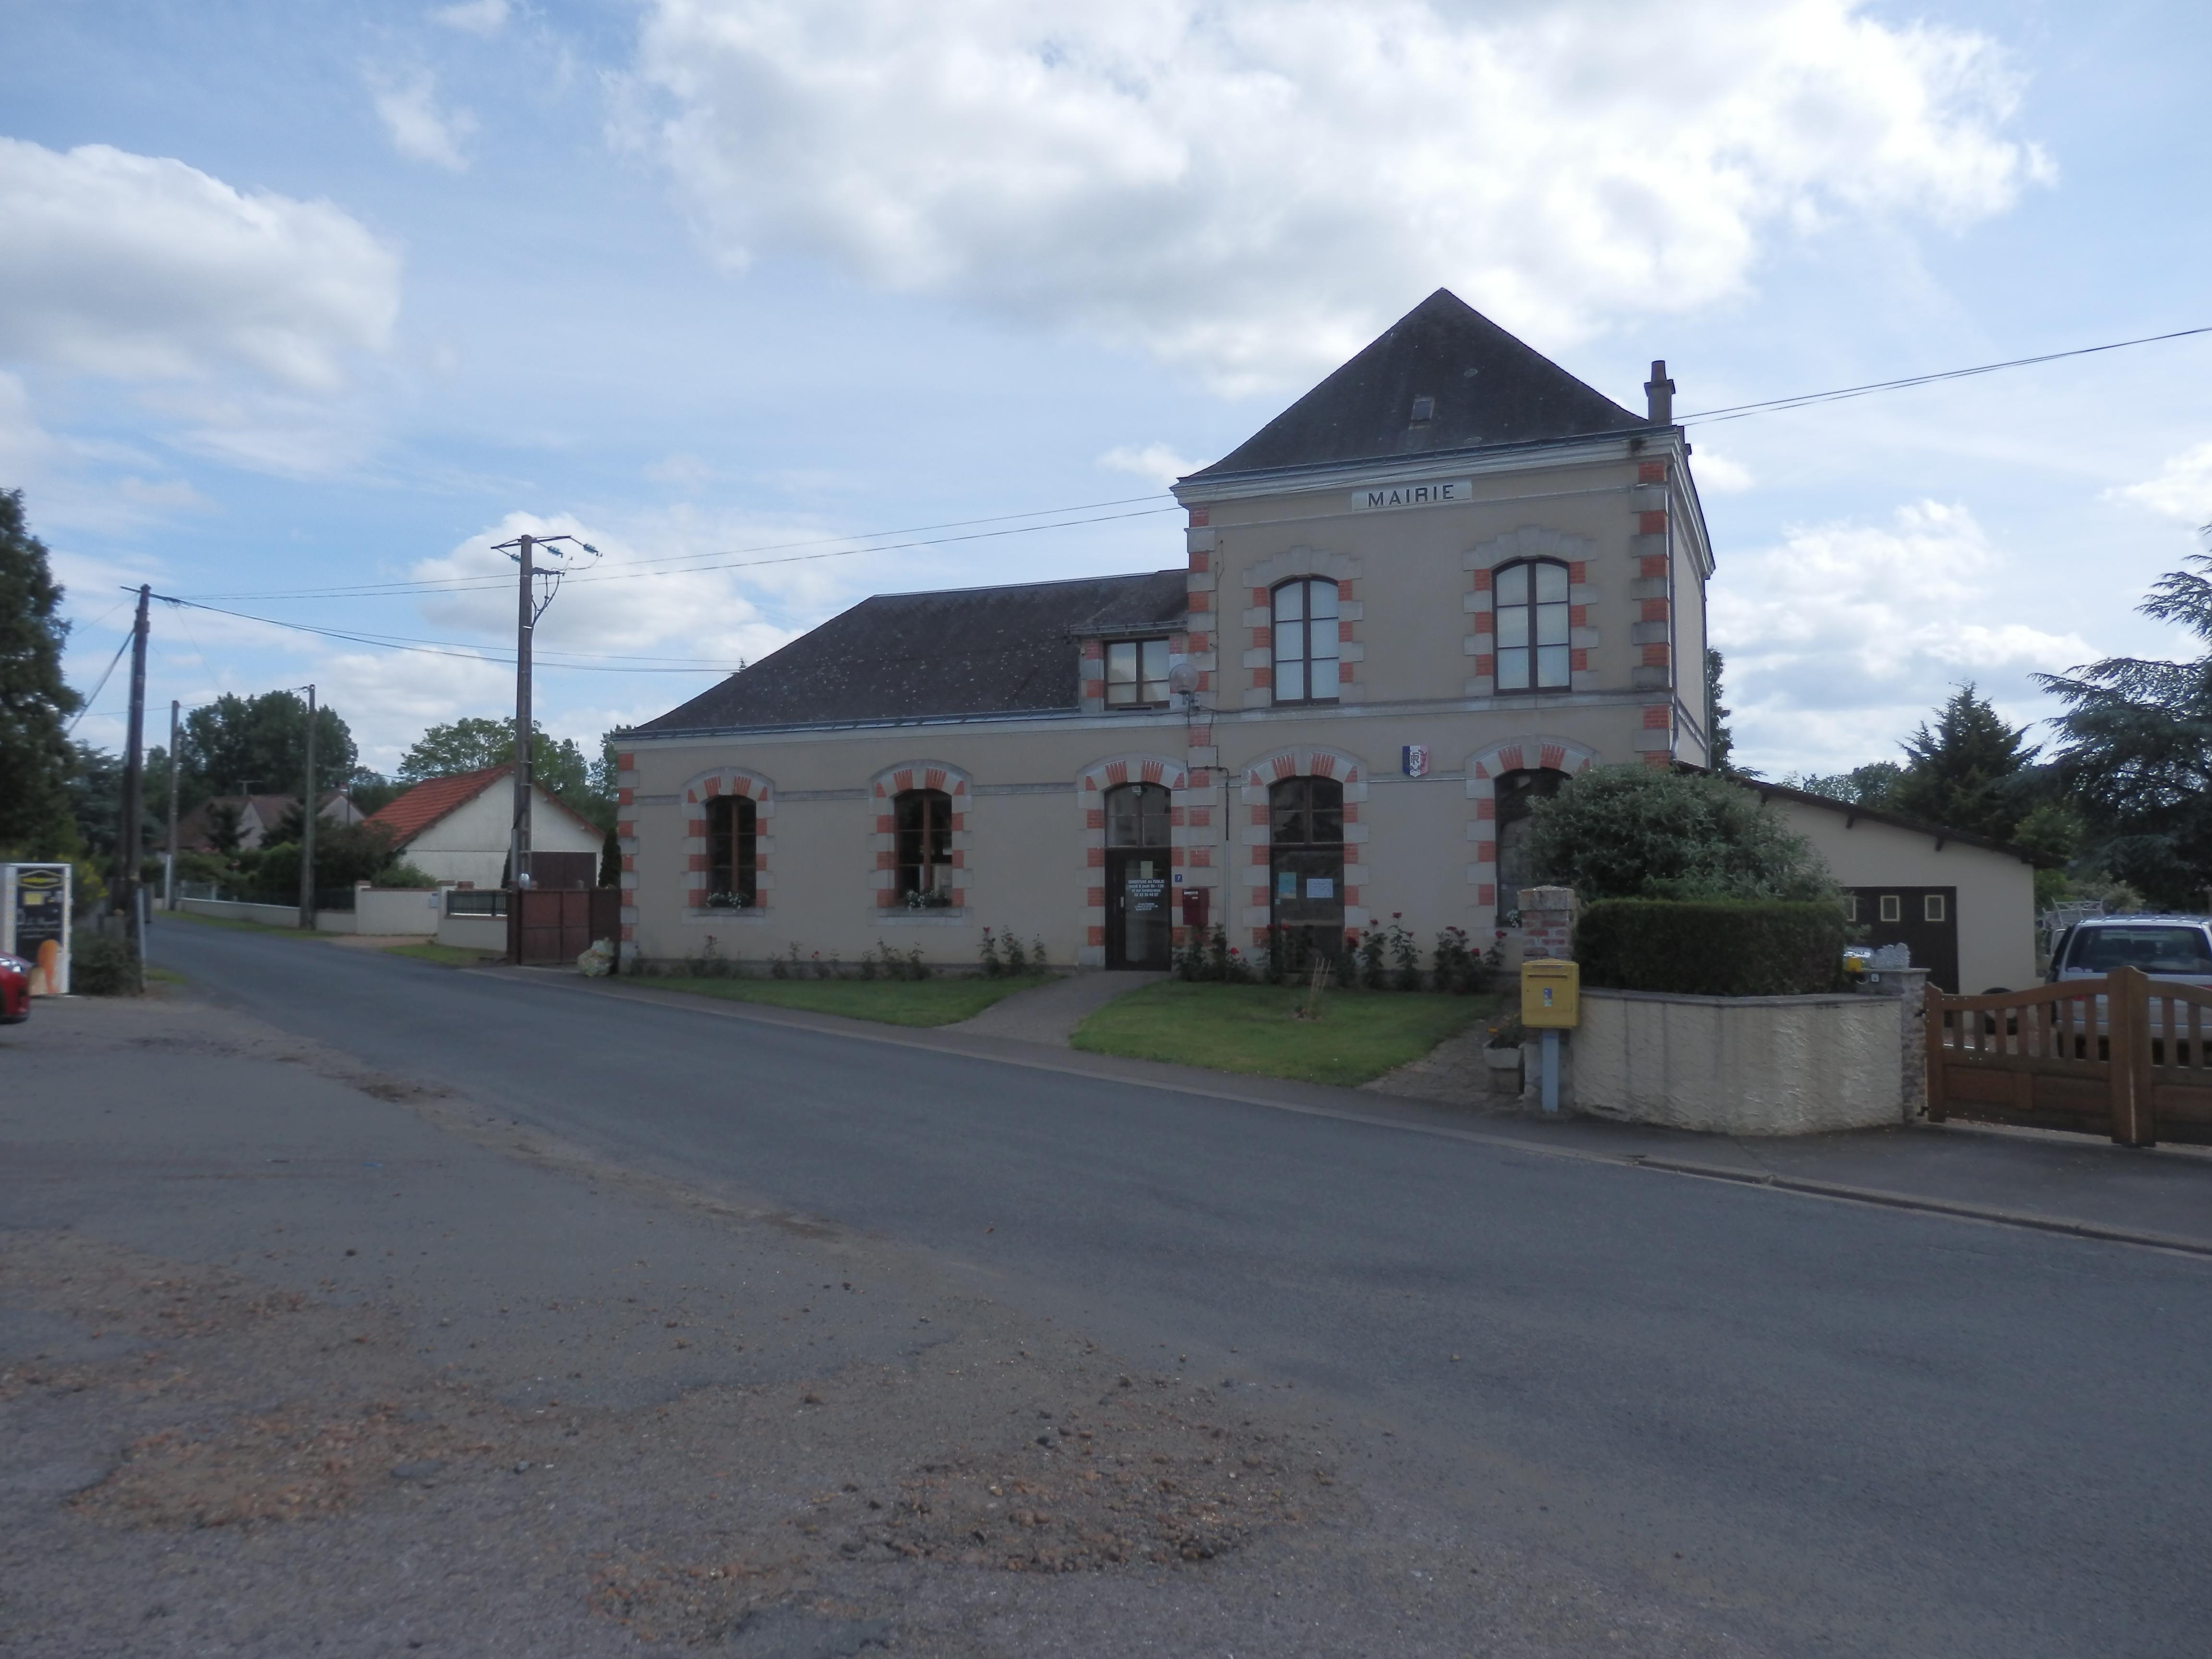 Saint-Mars-de-Locquenay